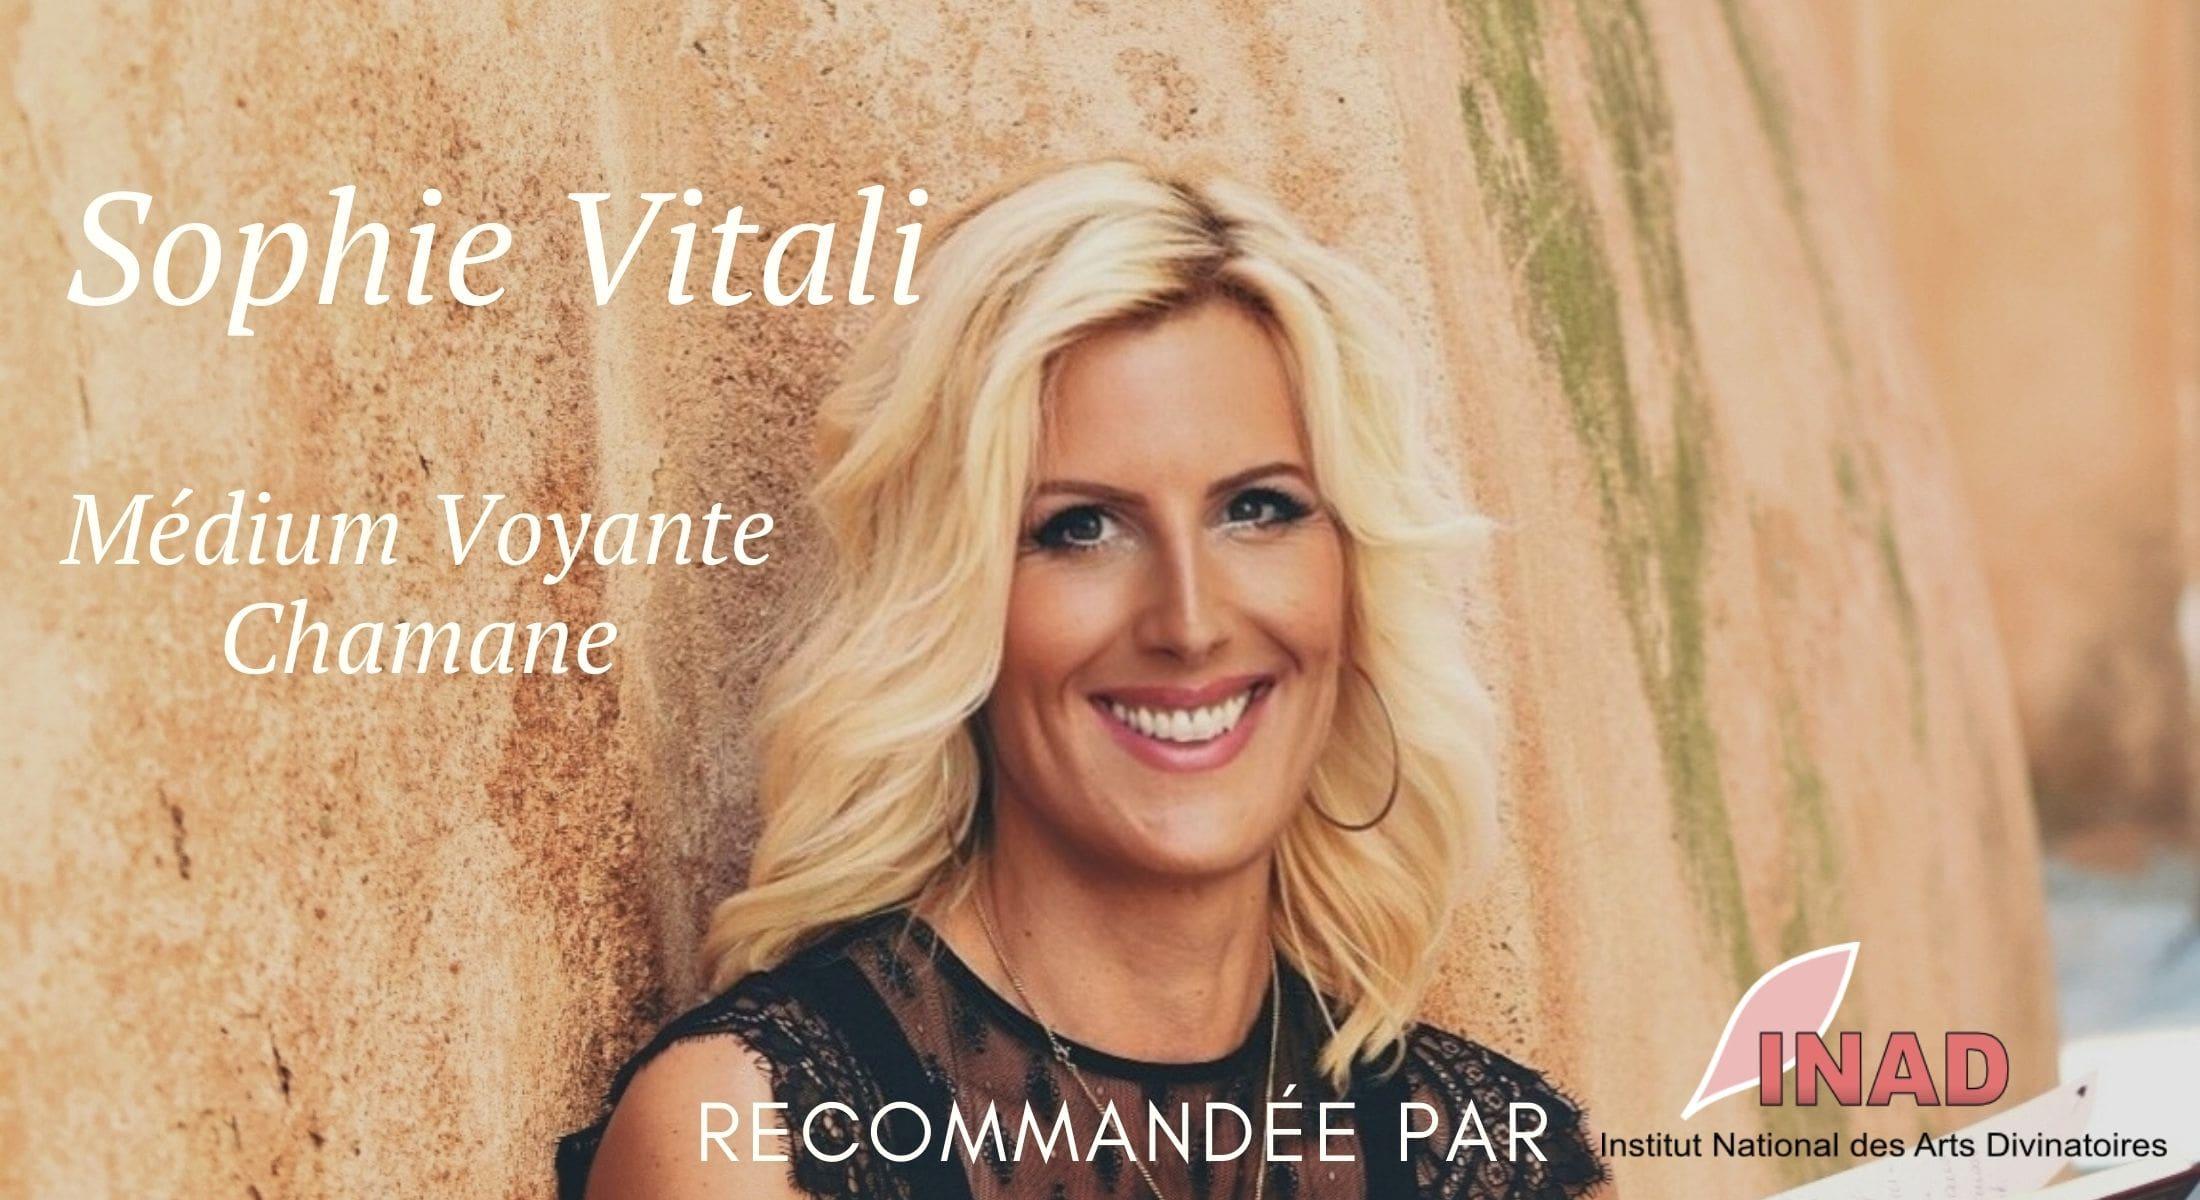 Sophie Vitali membre et voyante reconnue par l'INAD